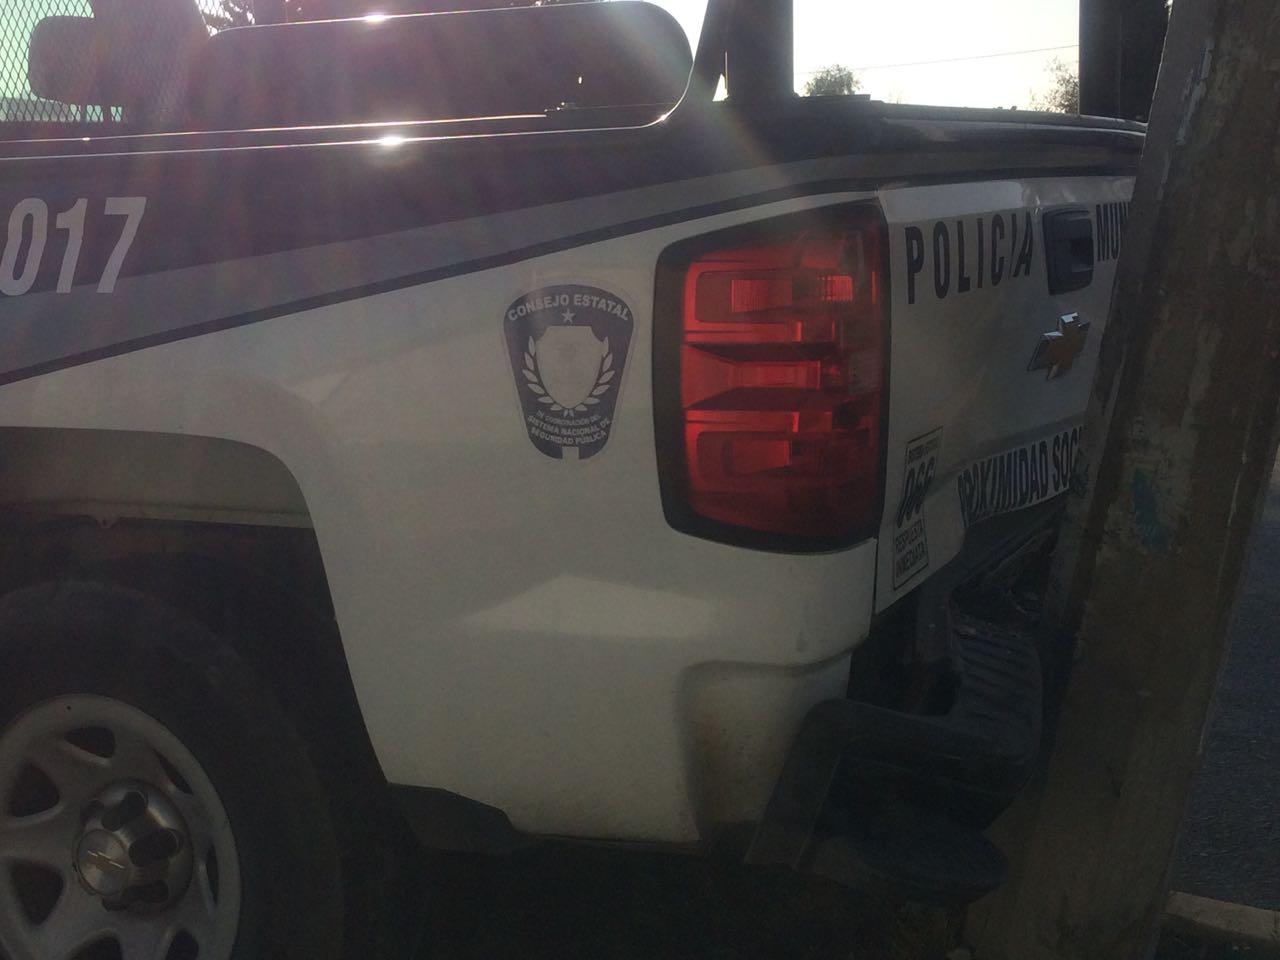 Disparan contra polic as municipales en centro de ciudad for Interior y policia consulta de arma